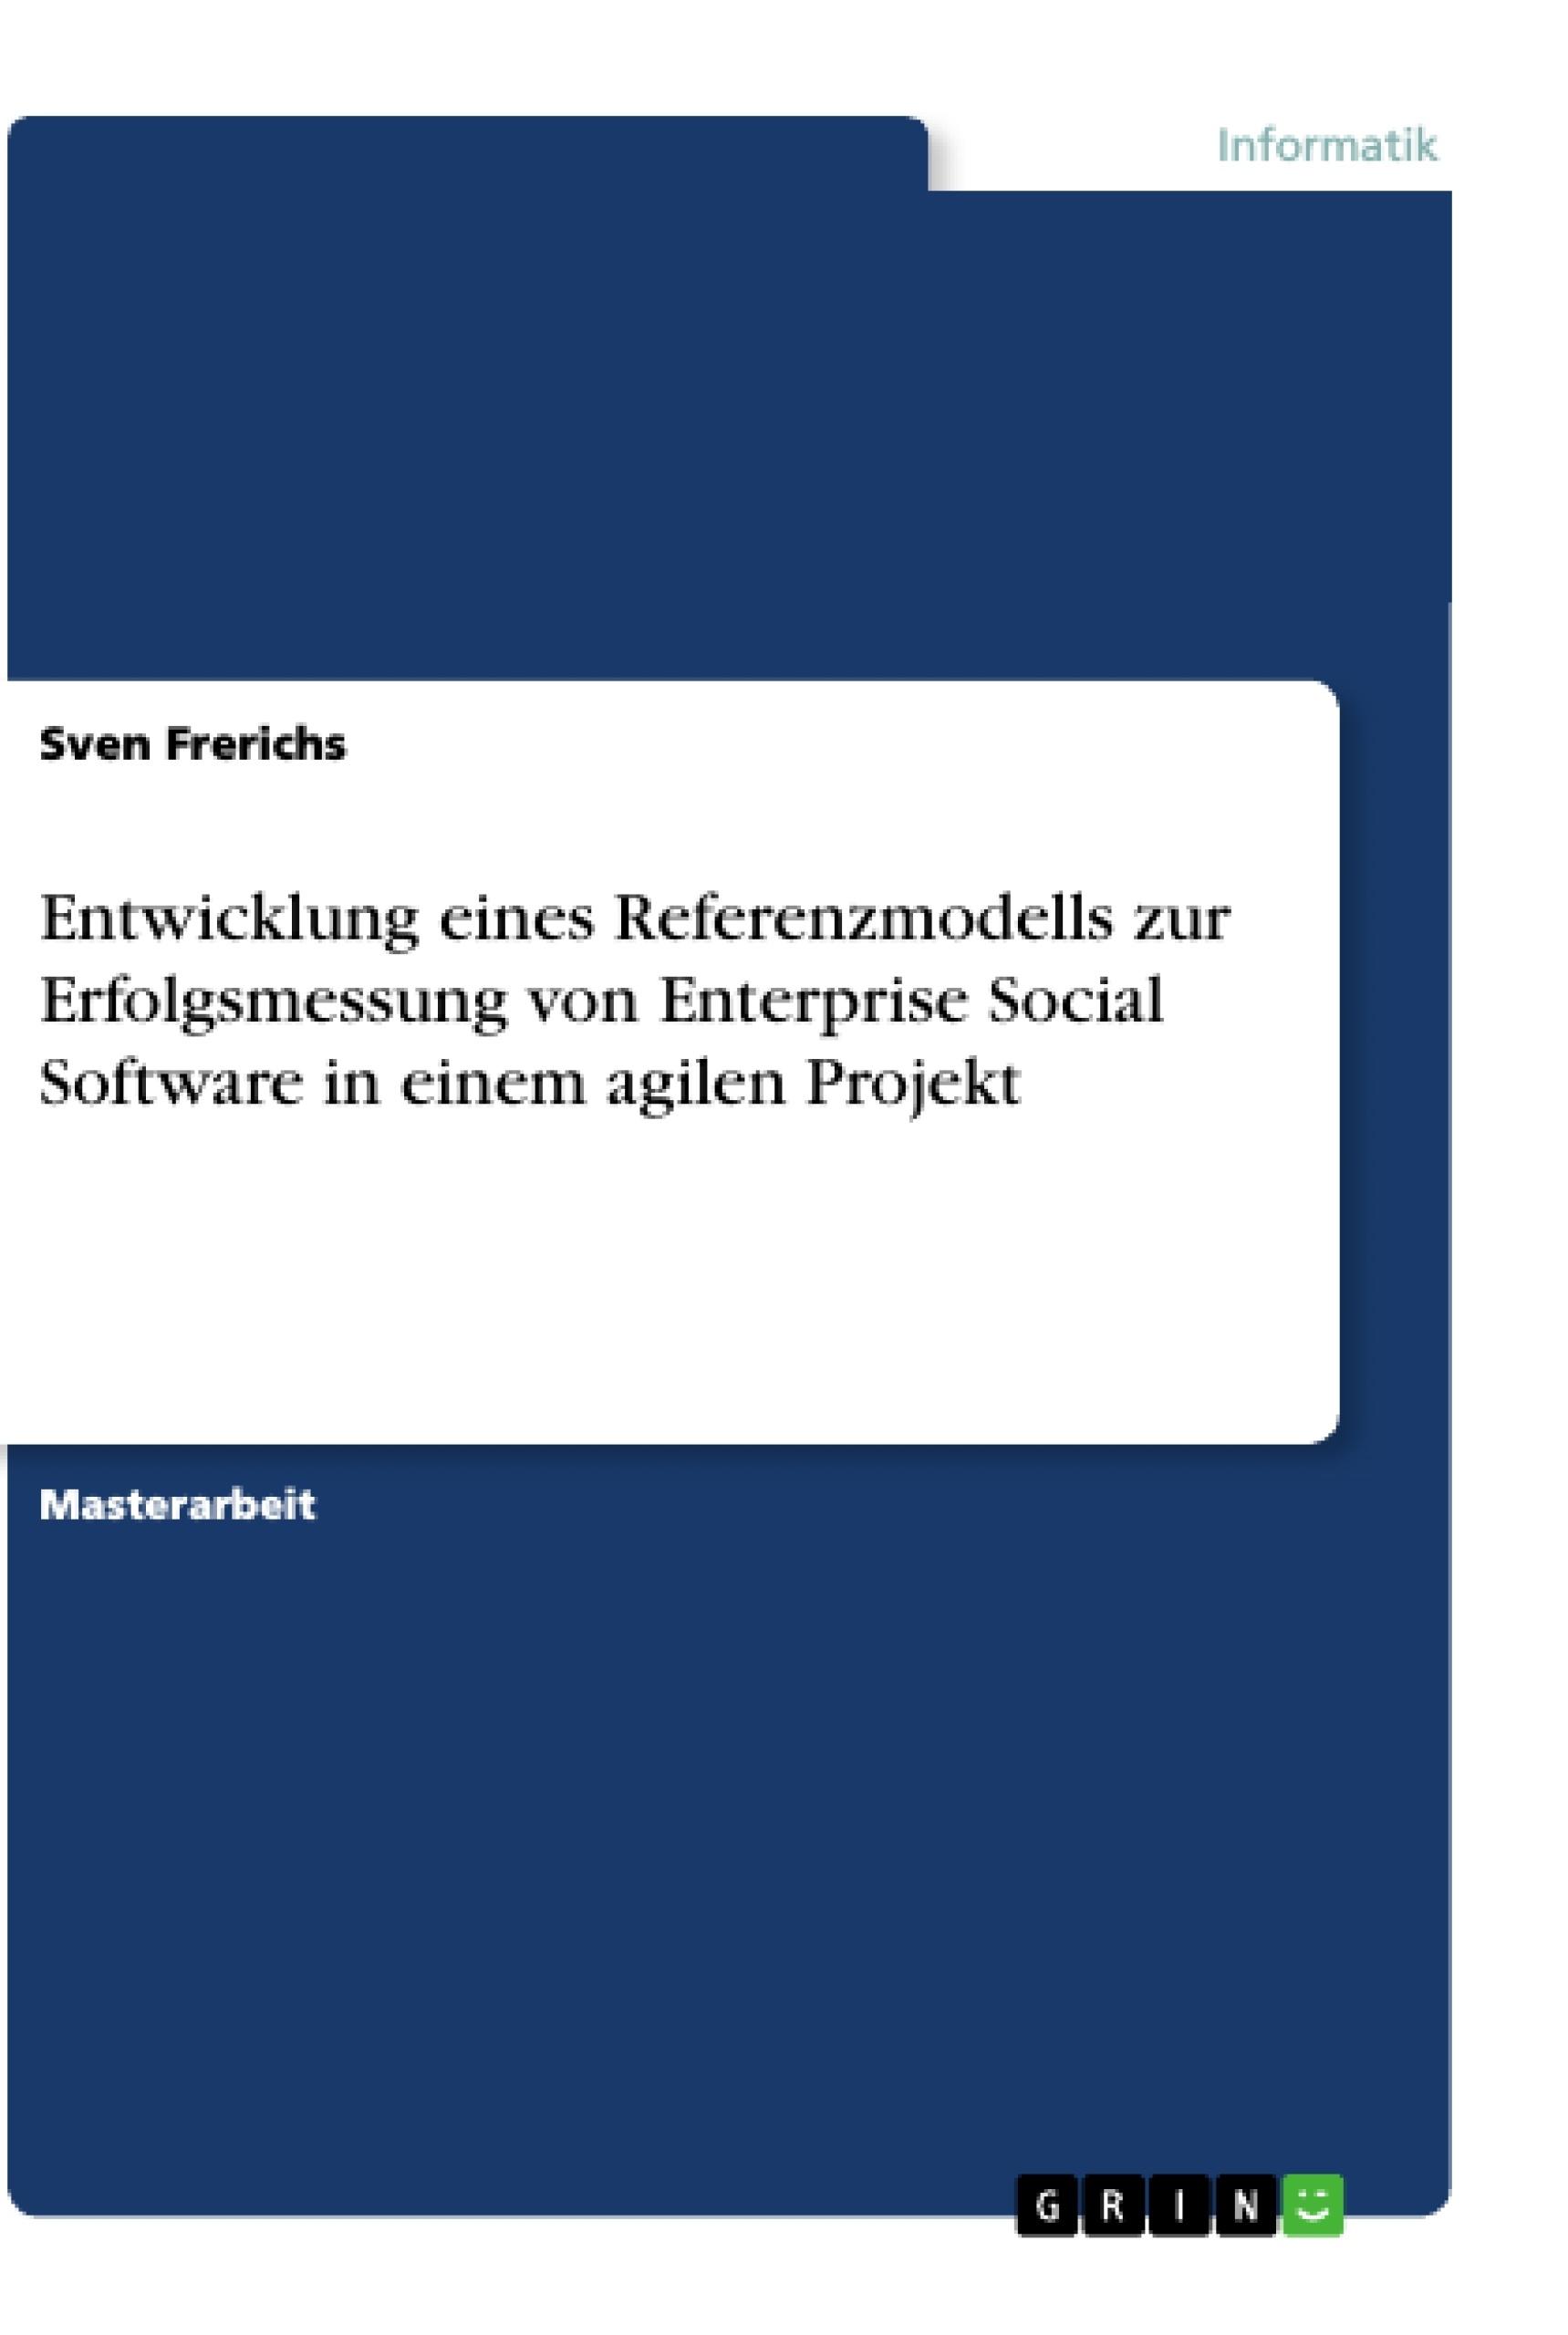 Titel: Entwicklung eines Referenzmodells zur Erfolgsmessung von Enterprise Social Software in einem agilen Projekt